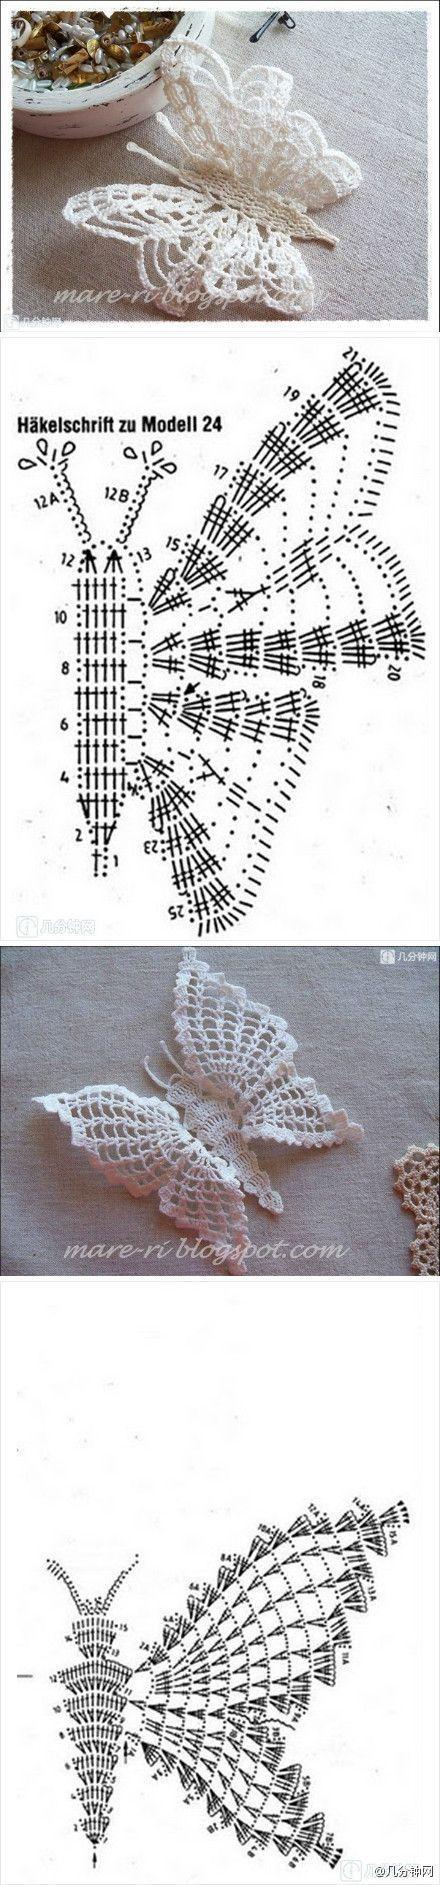 Aesthetic crochet butterfly chart - Picmia | butterfly crochet ...